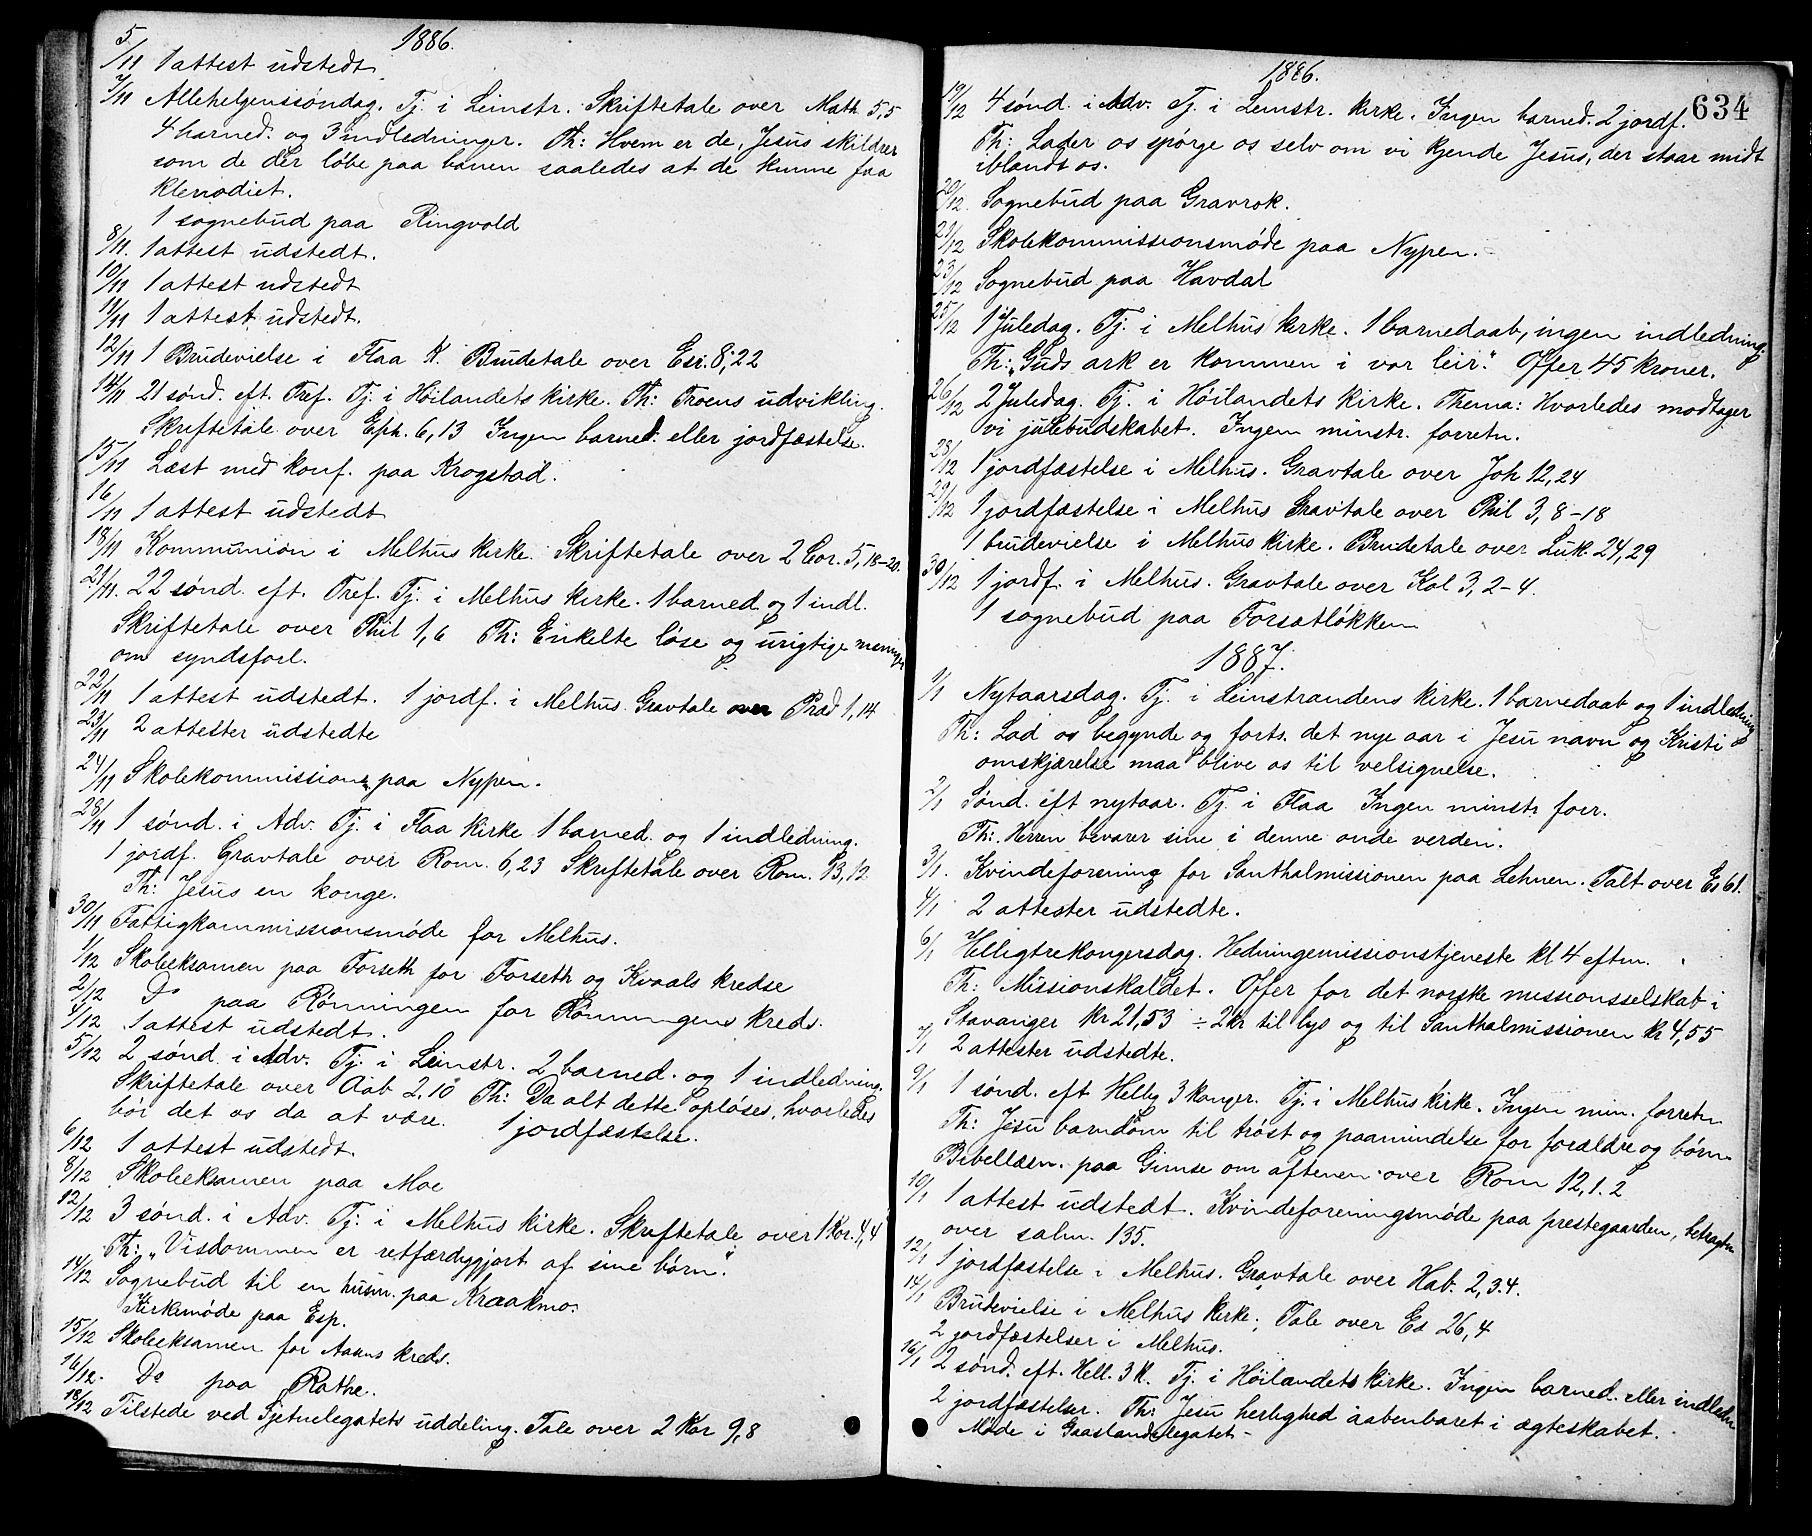 SAT, Ministerialprotokoller, klokkerbøker og fødselsregistre - Sør-Trøndelag, 691/L1079: Ministerialbok nr. 691A11, 1873-1886, s. 634